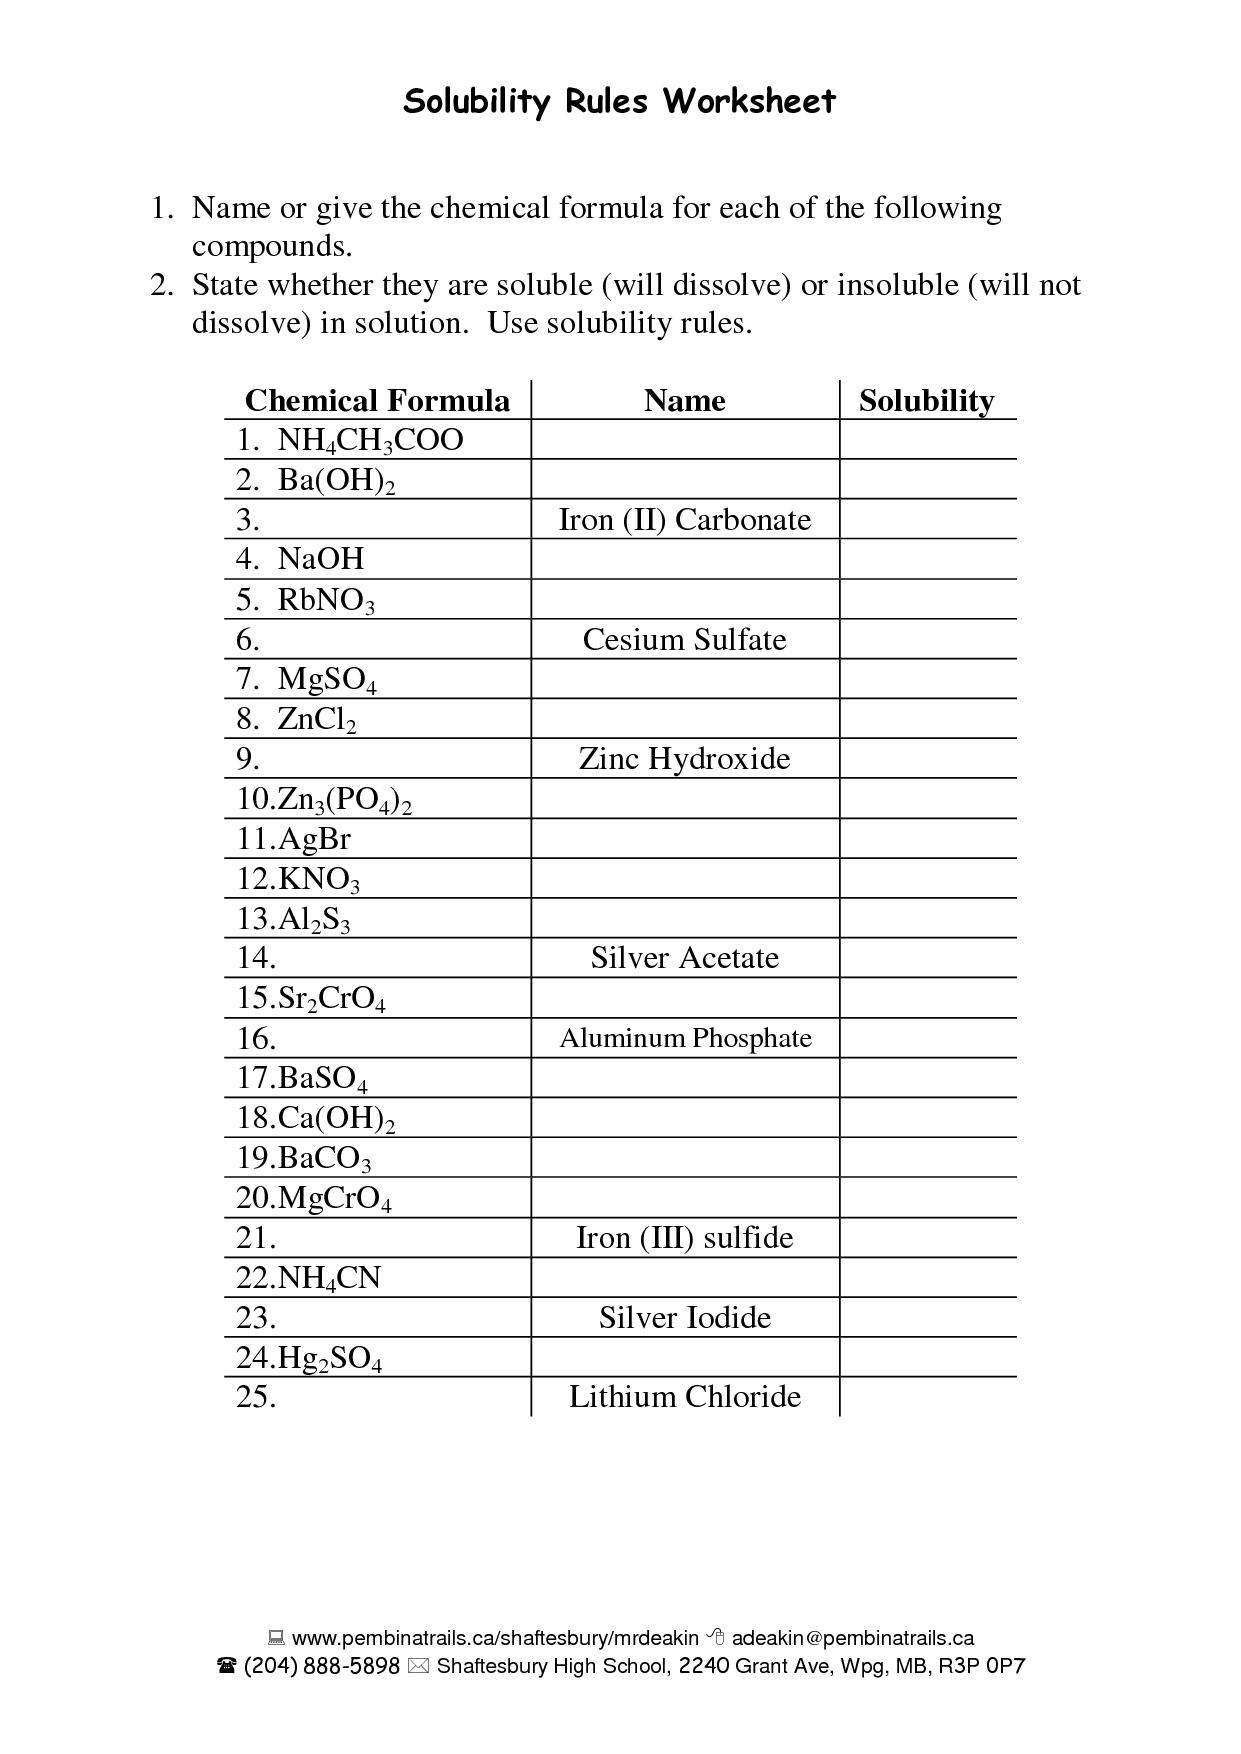 Help Wanted Blank Worksheet